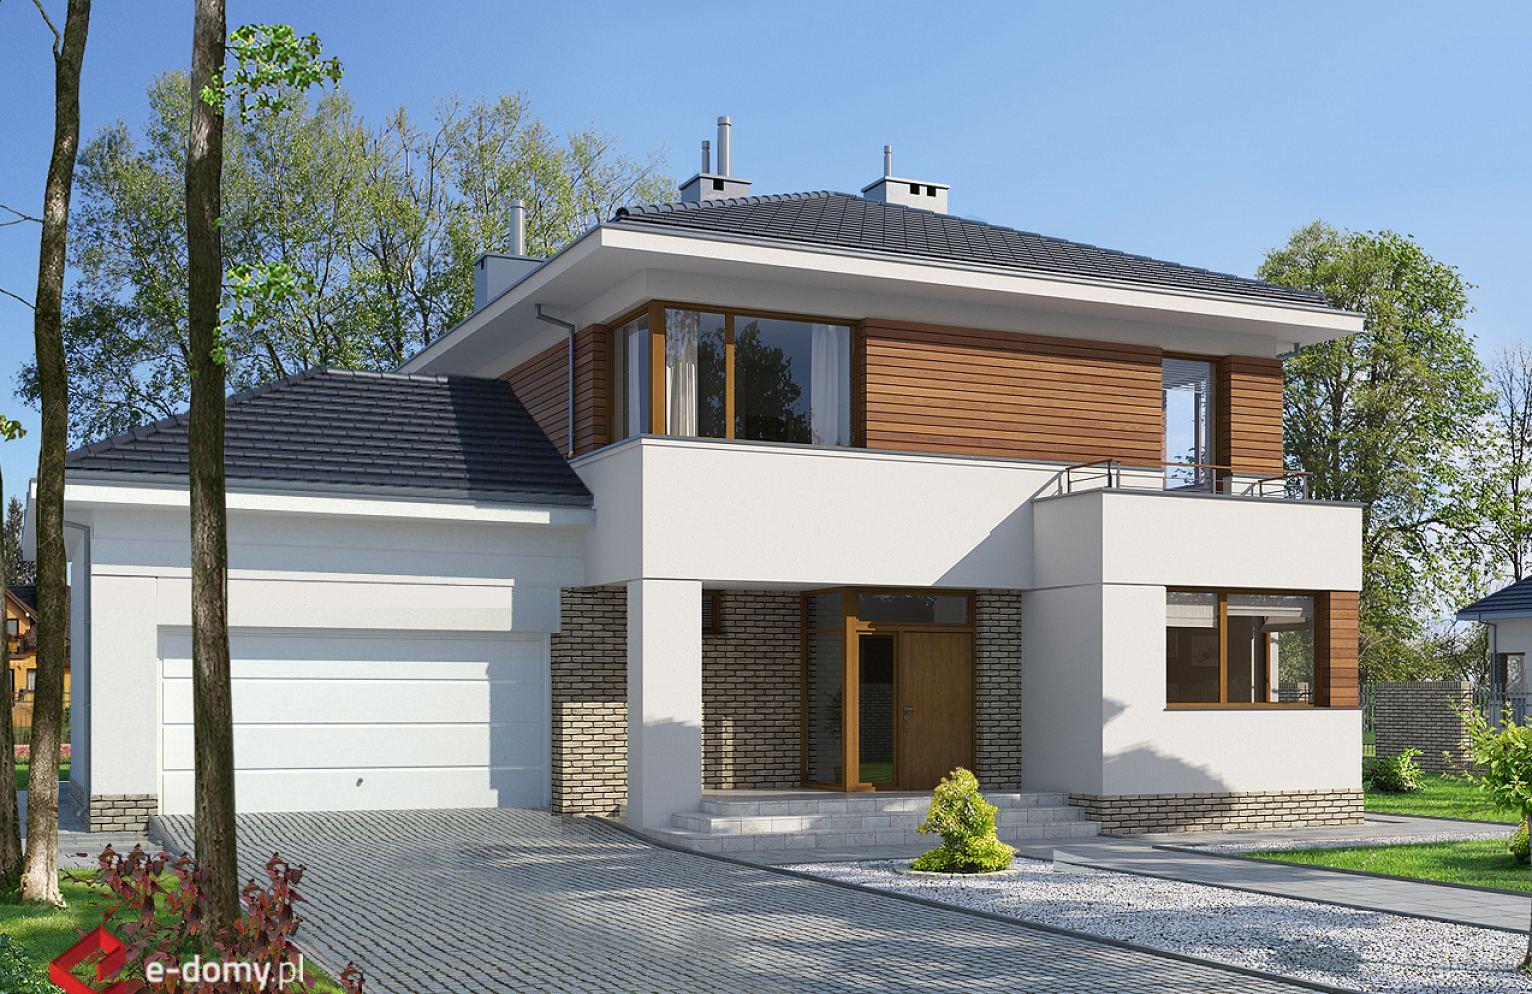 c0caffc26421dd E-130 Dom piętrowy z pokojem od frontu - E-DOMY.pl Projekty domów  jednorodzinnych, nowoczesnych, piętrowych, energooszczędnych.